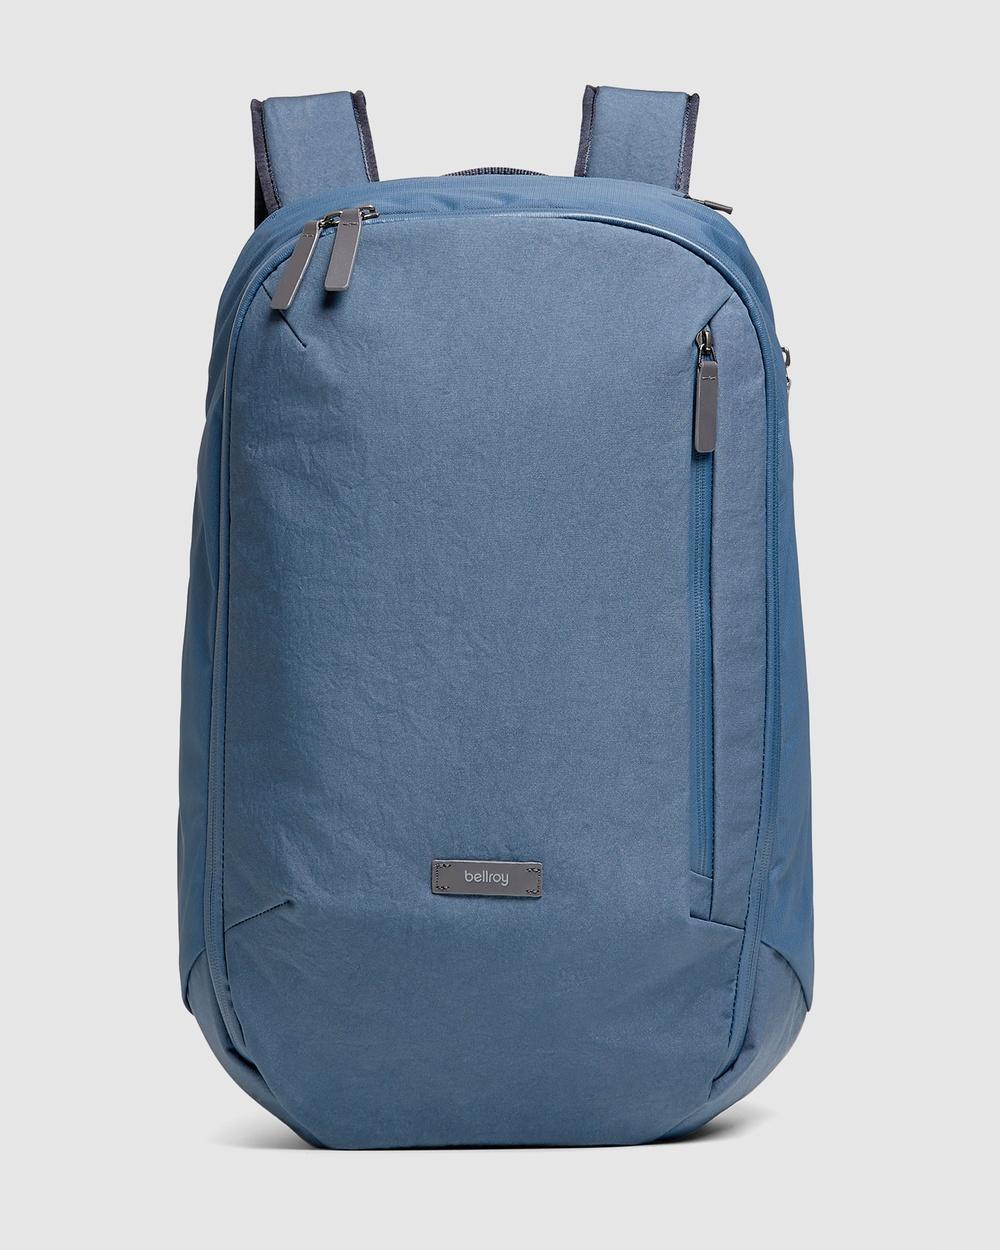 Bellroy Transit Backpack Backpacks Blue